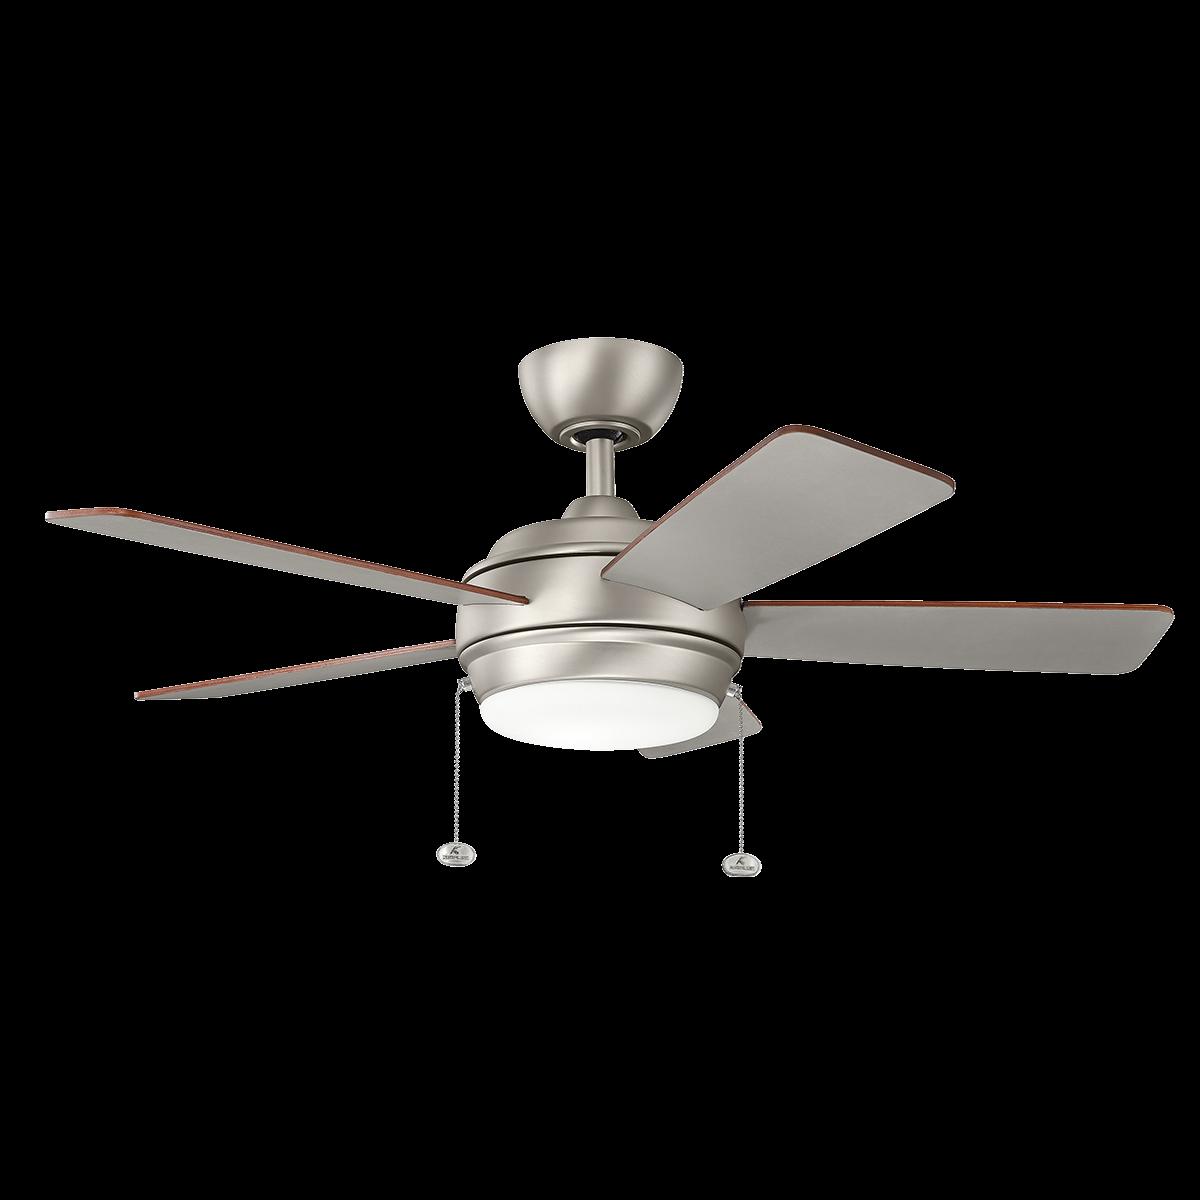 42 starkk led ceiling fan in ni for the home ceiling fan fan led rh pinterest com